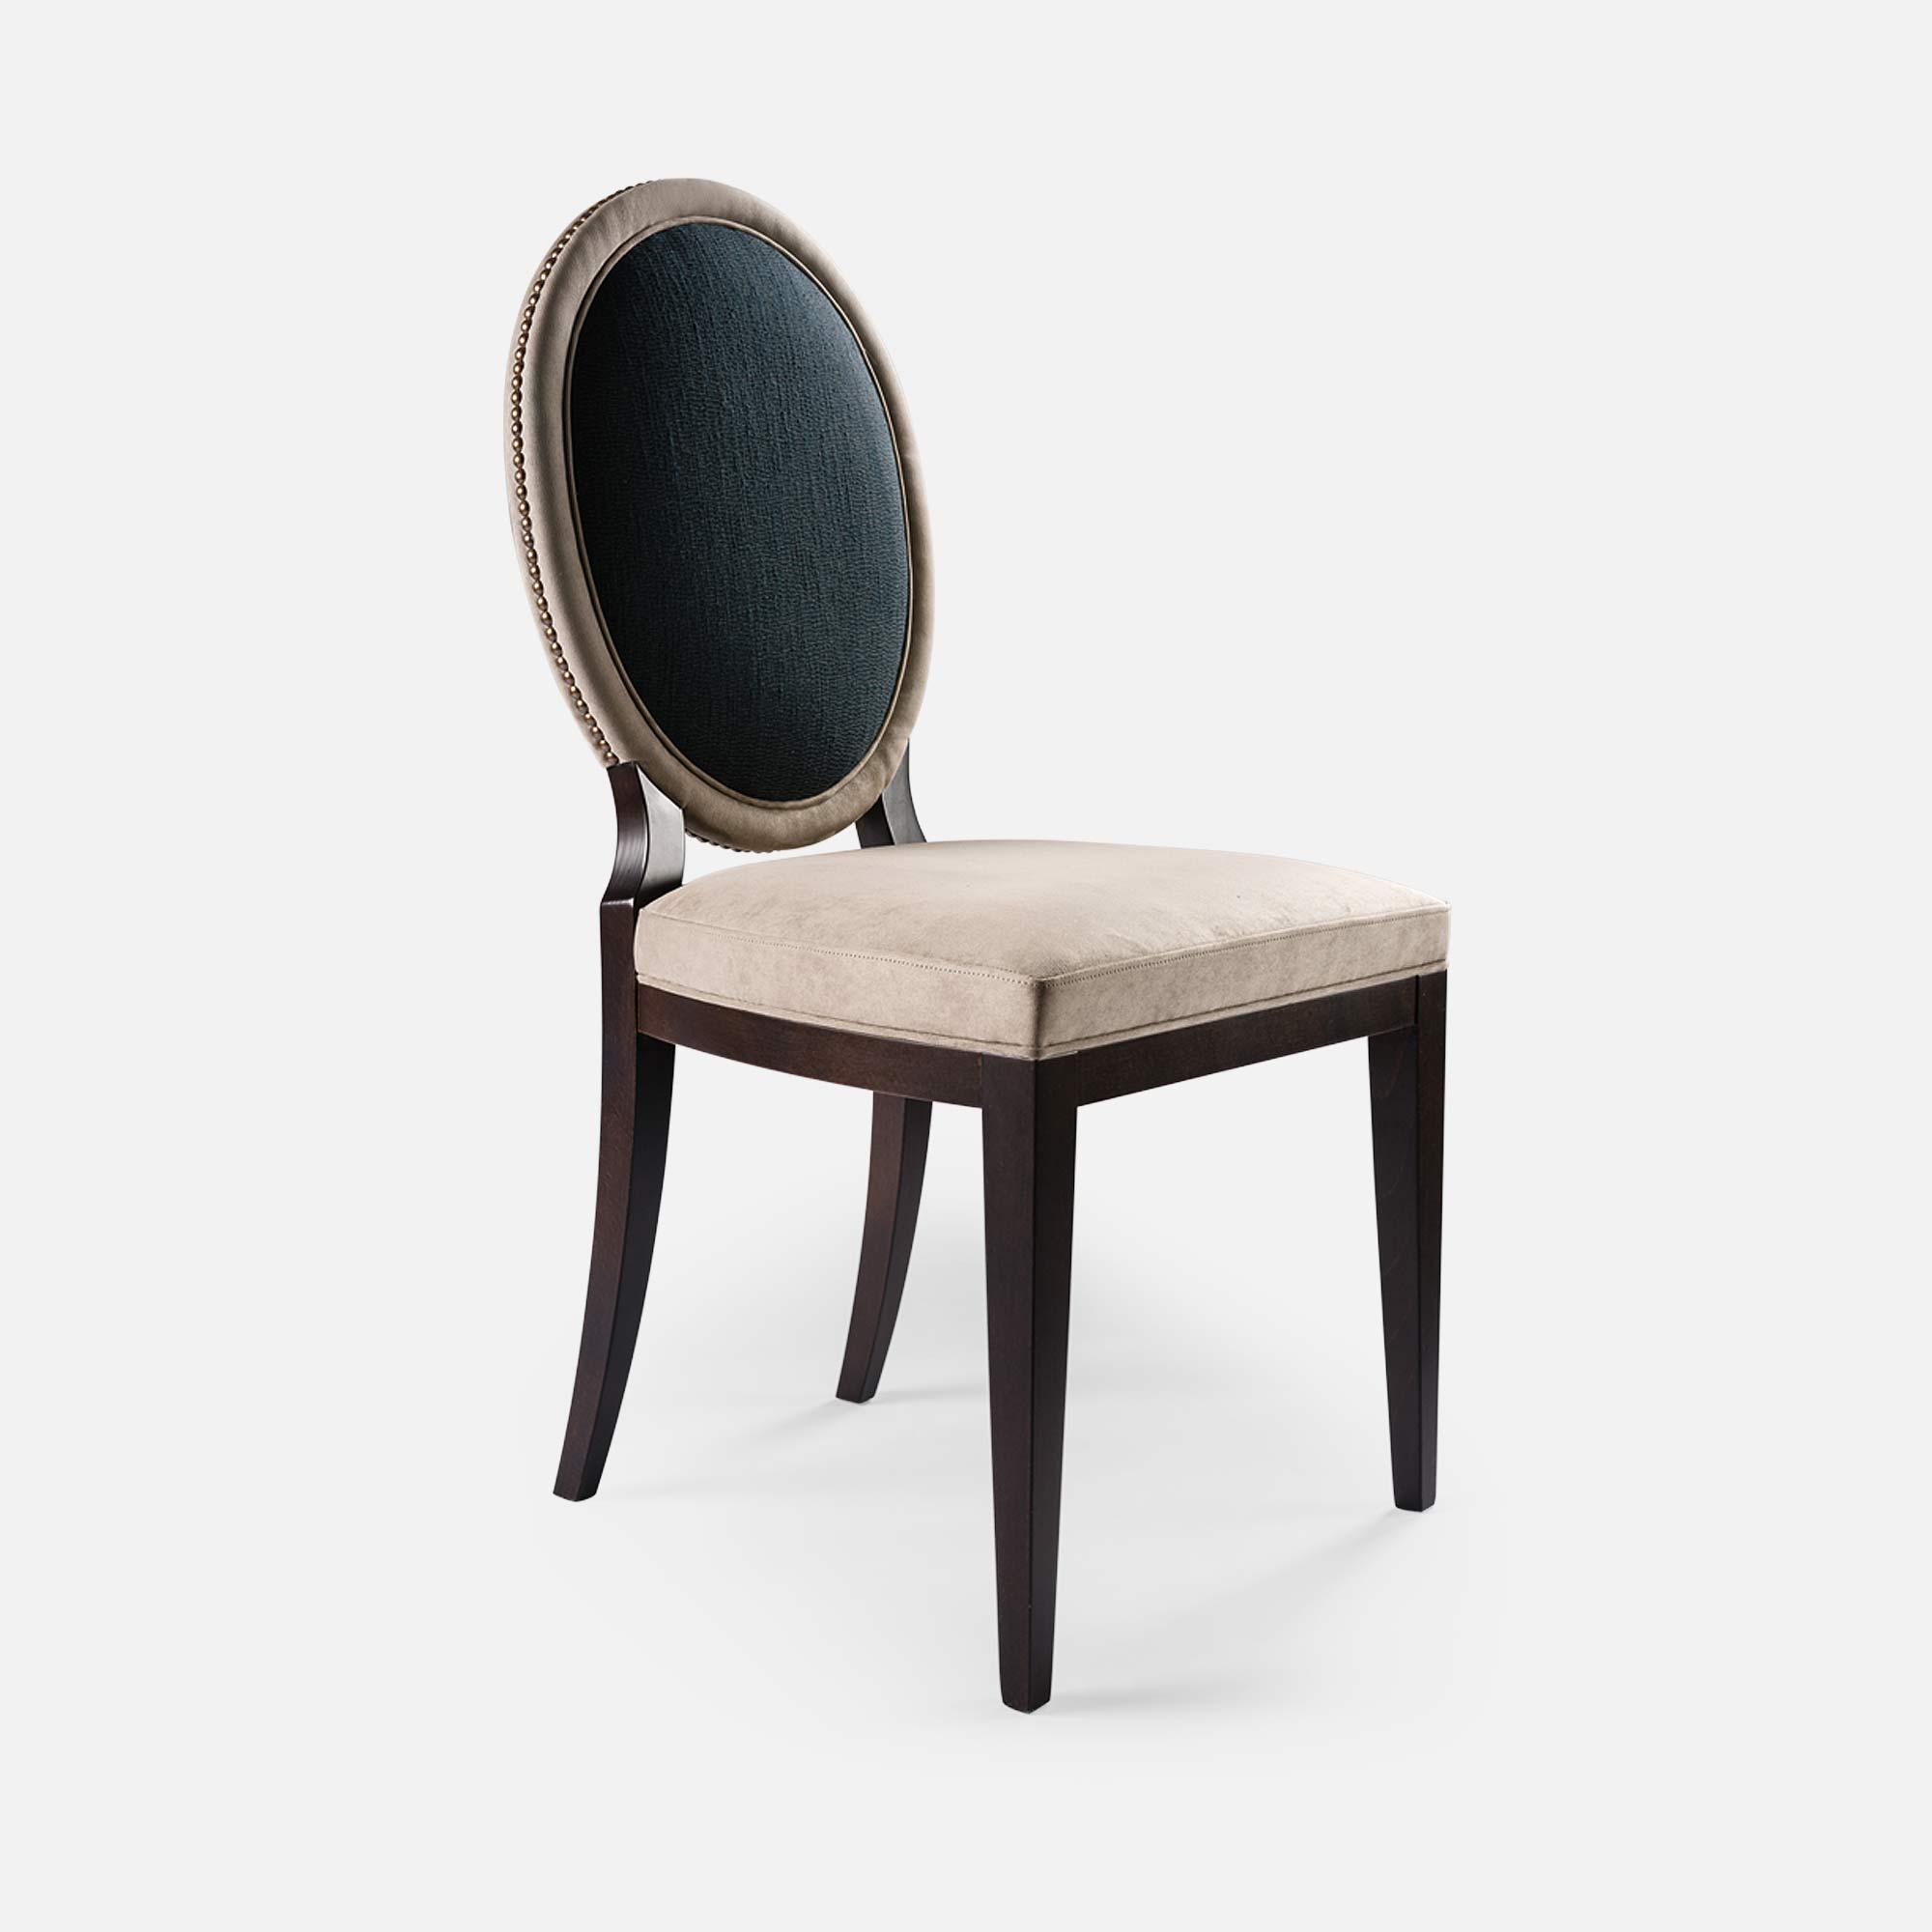 chaise de bar medaillon top lot de chaises mdaillon versailles style louis xvi velours bleu. Black Bedroom Furniture Sets. Home Design Ideas